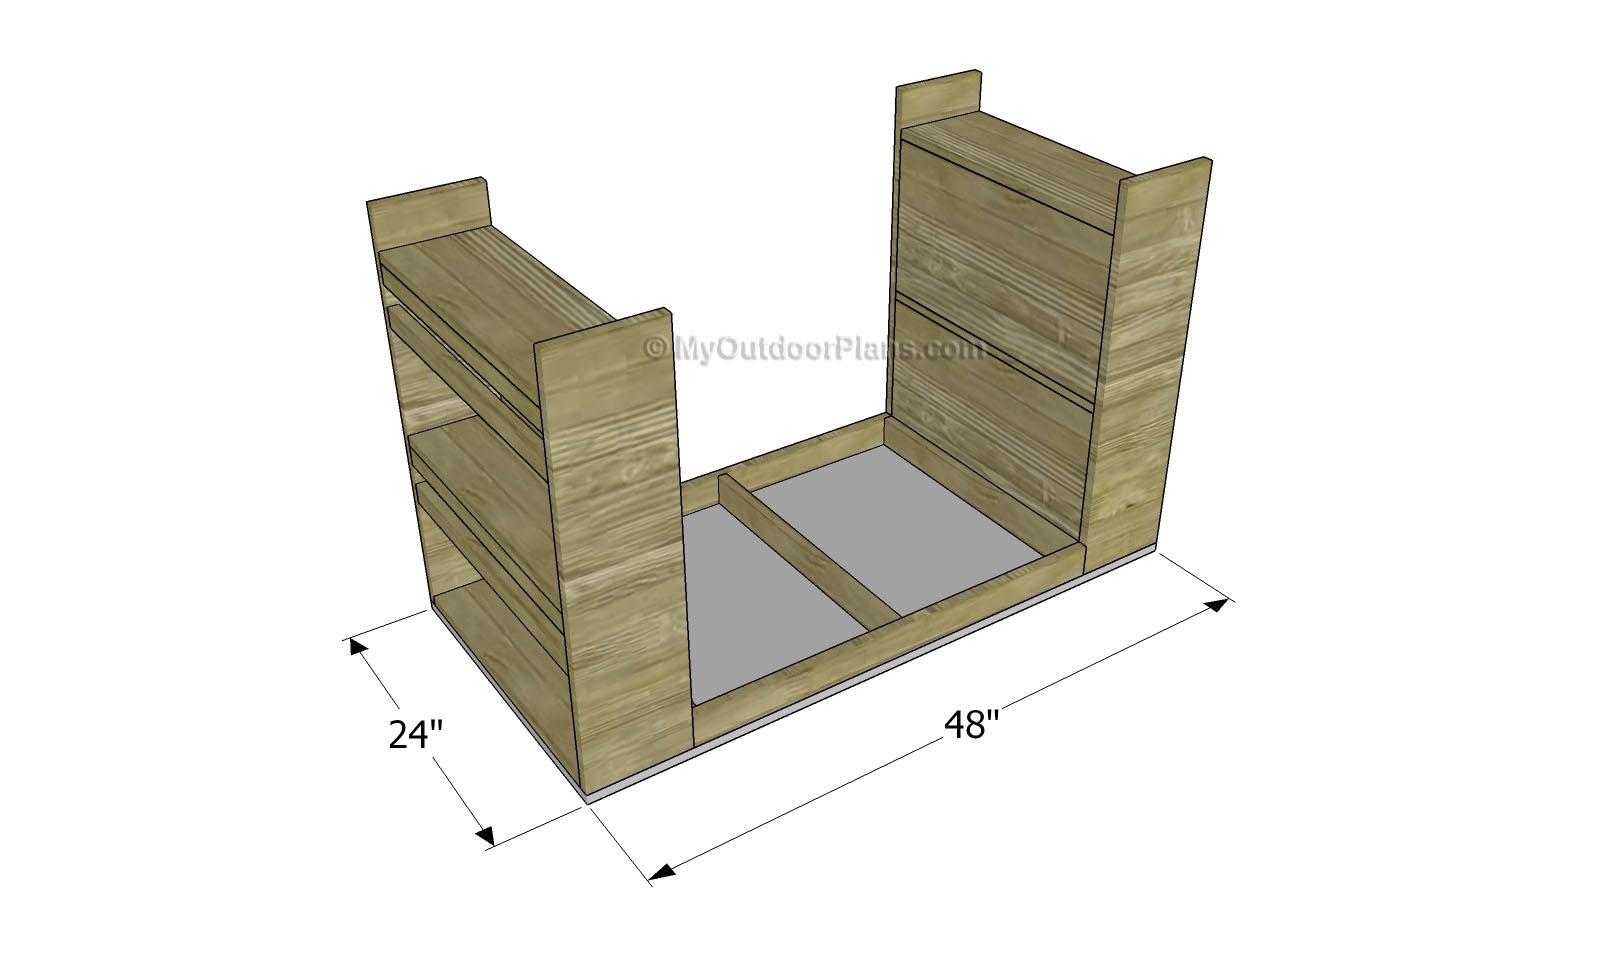 Kids Desk Plans Free 1614 x 954